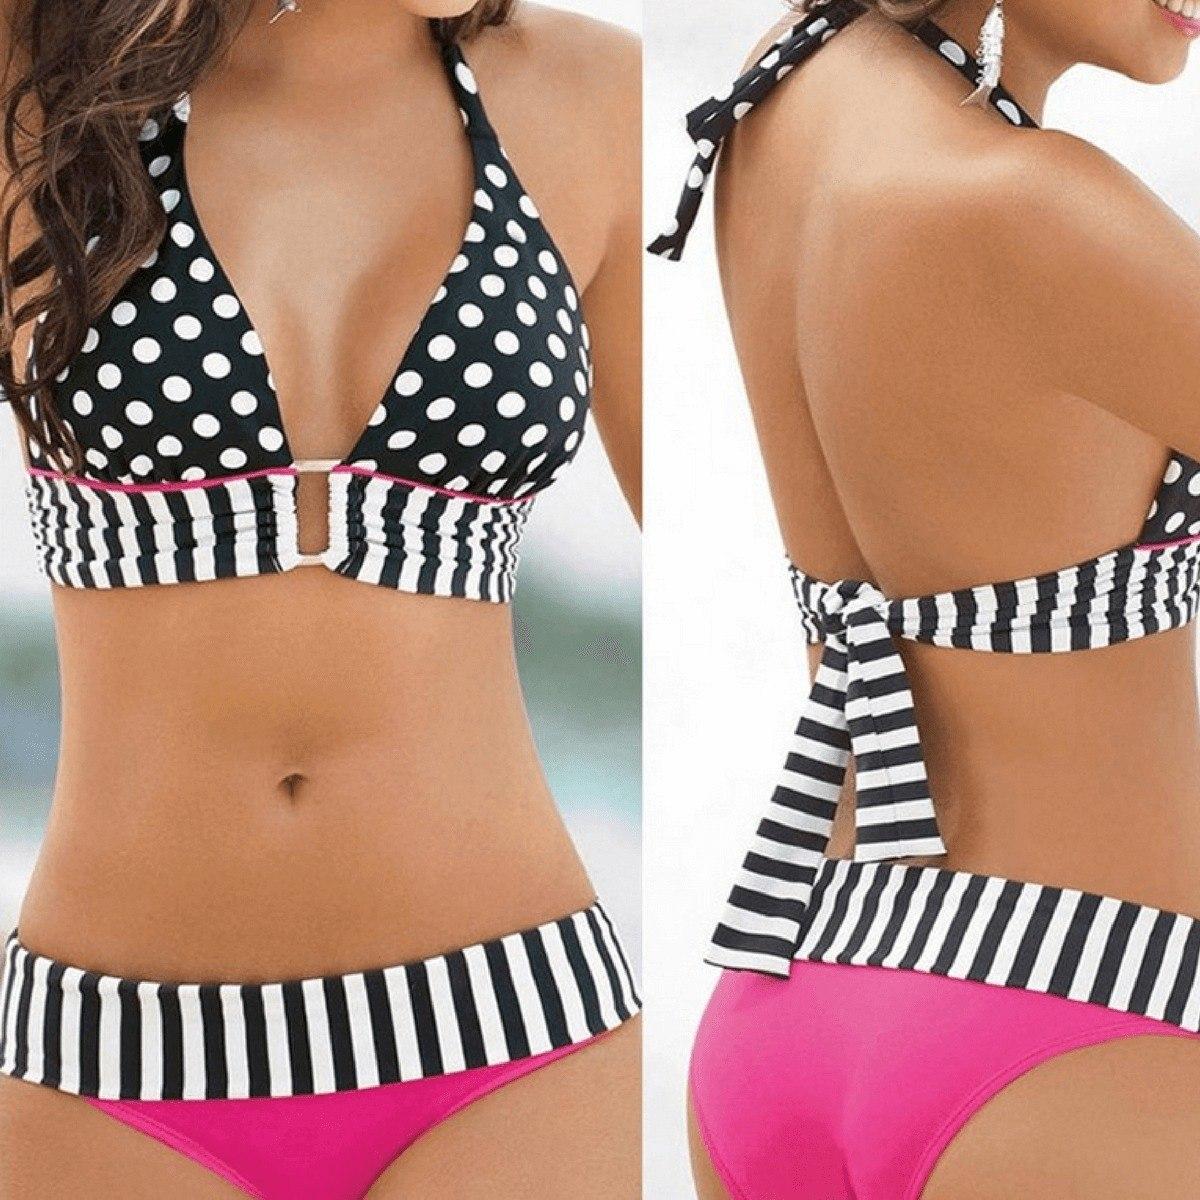 5917a55c41 promoção biquini roupa de banho vintage retrô cintura alta. Carregando zoom.